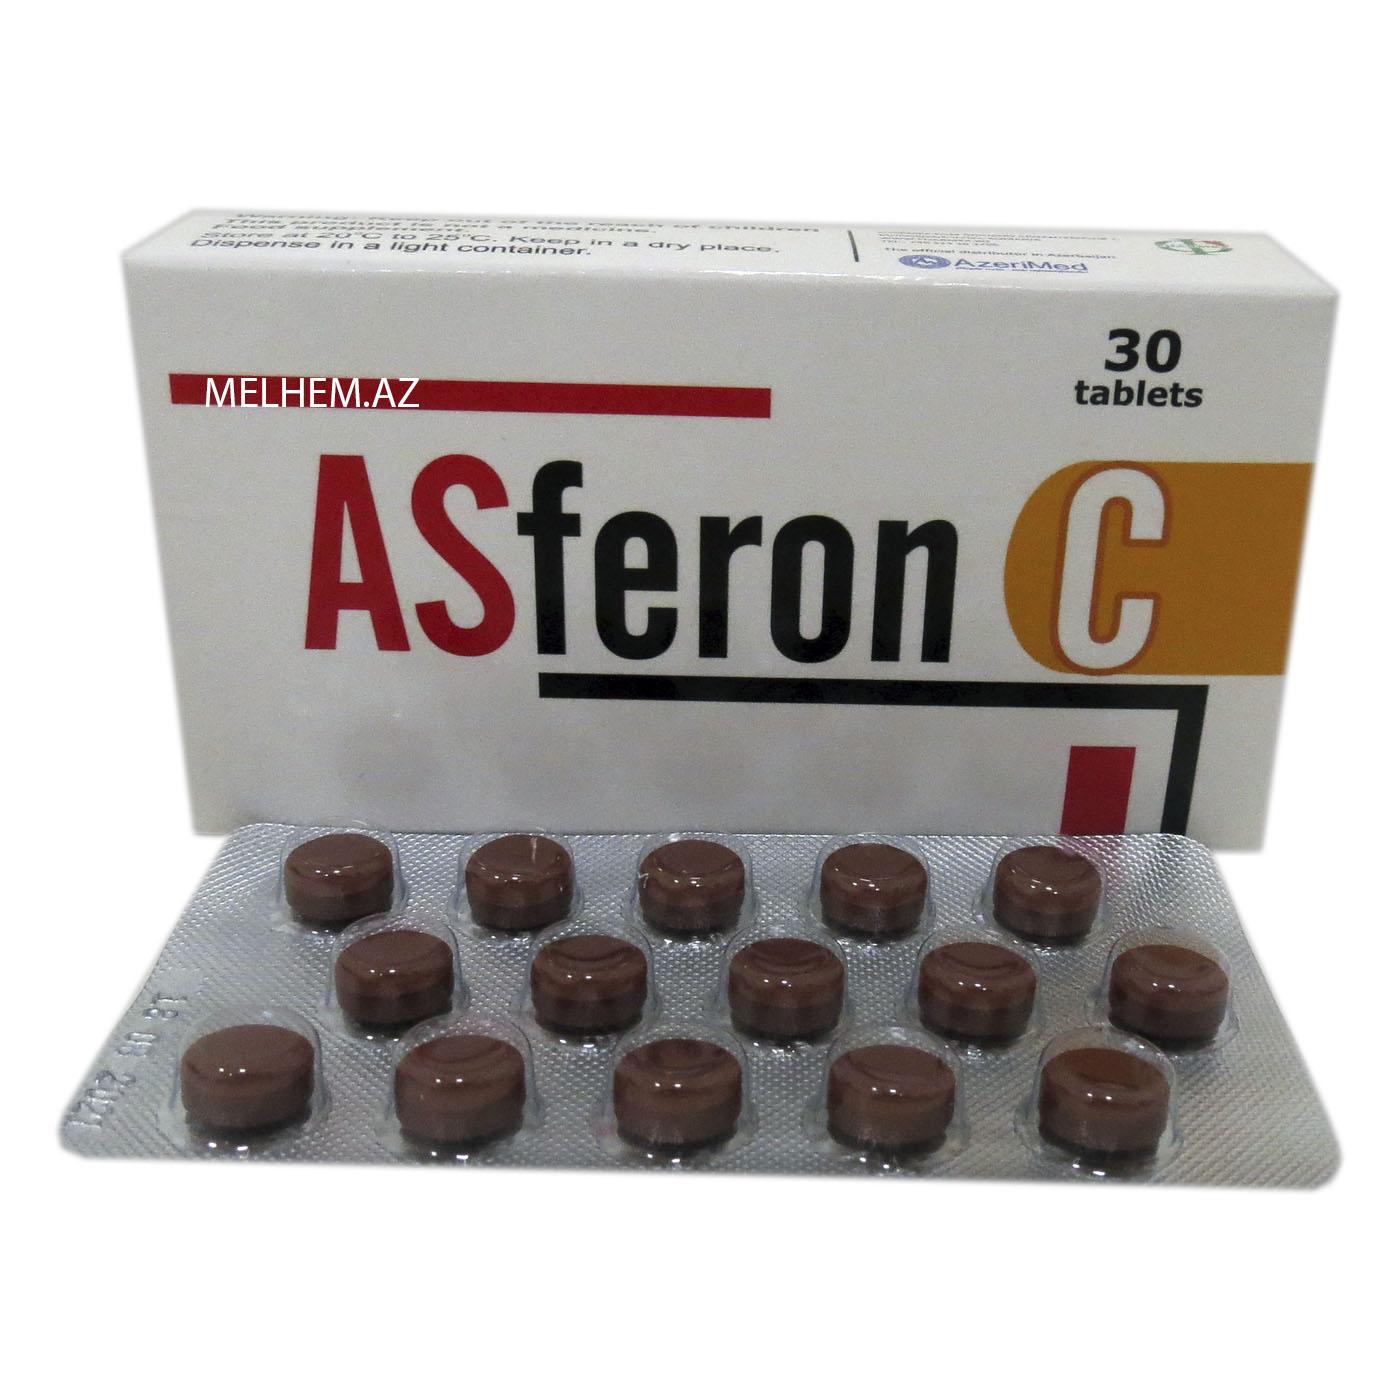 ASFERON C